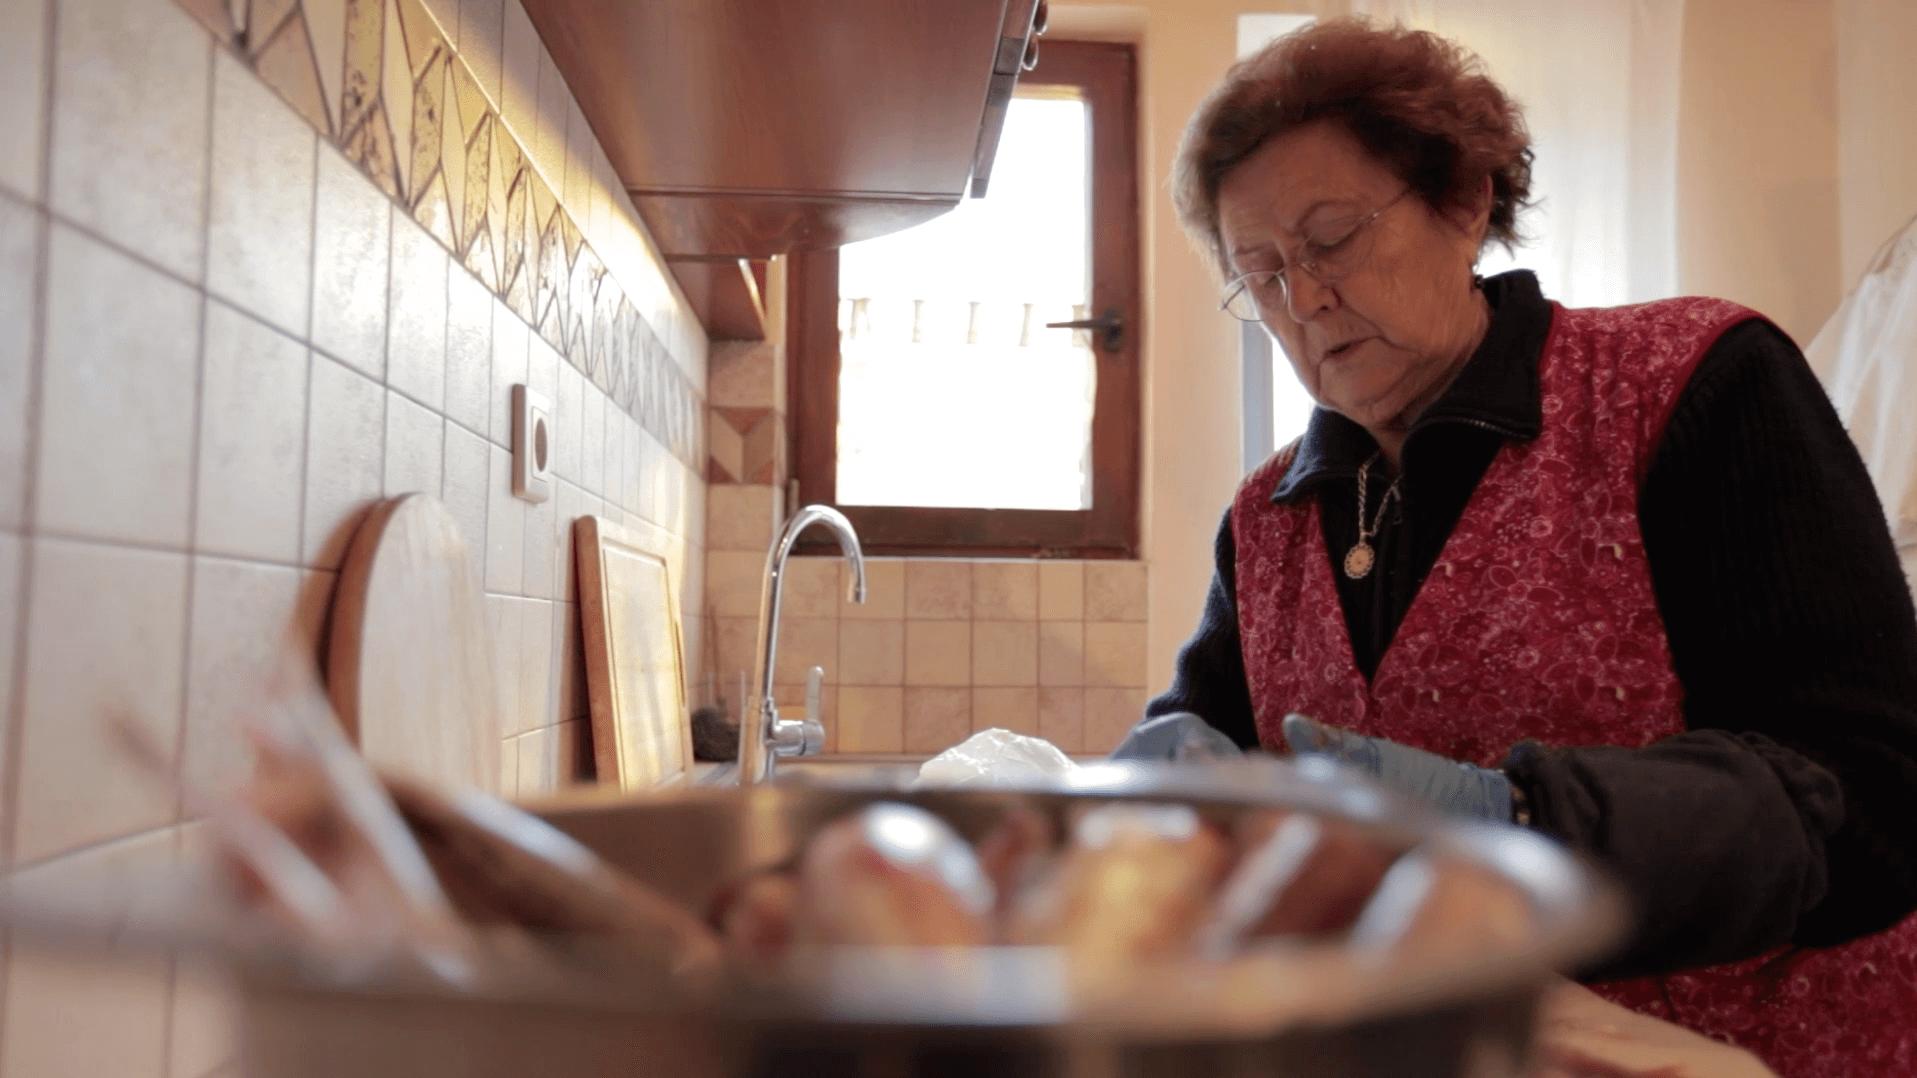 Pinos Mutter kocht